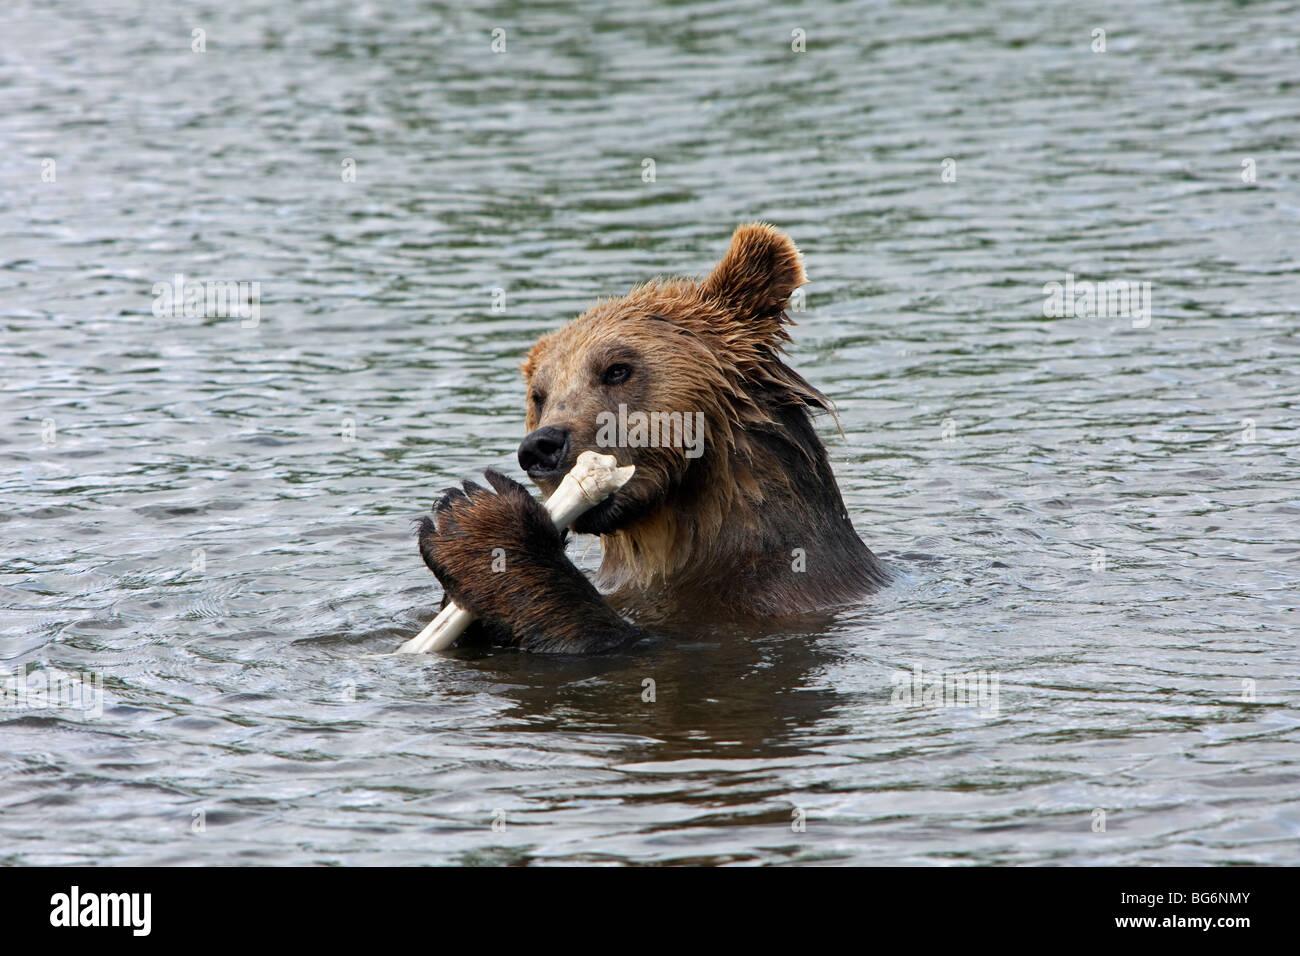 Europäischer Braunbär (Ursus Arctos) essen Tierknochen im Wasser des Sees, Scandinavia Stockbild